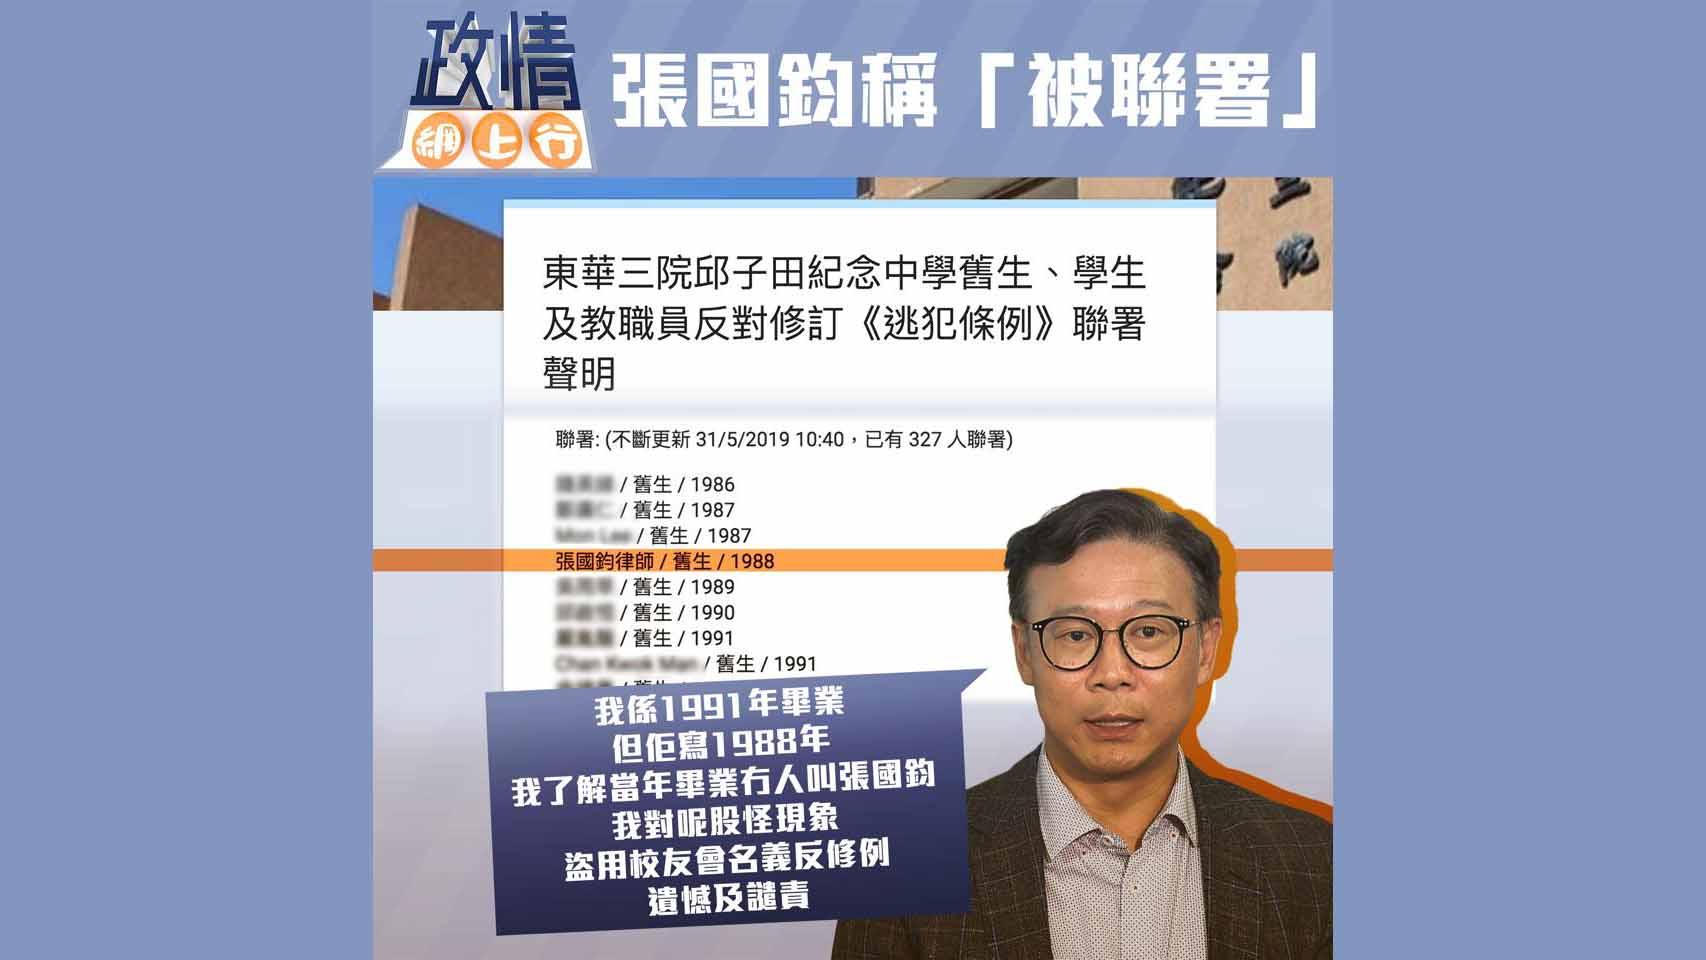 【政情網上行】張國鈞稱「被聯署」